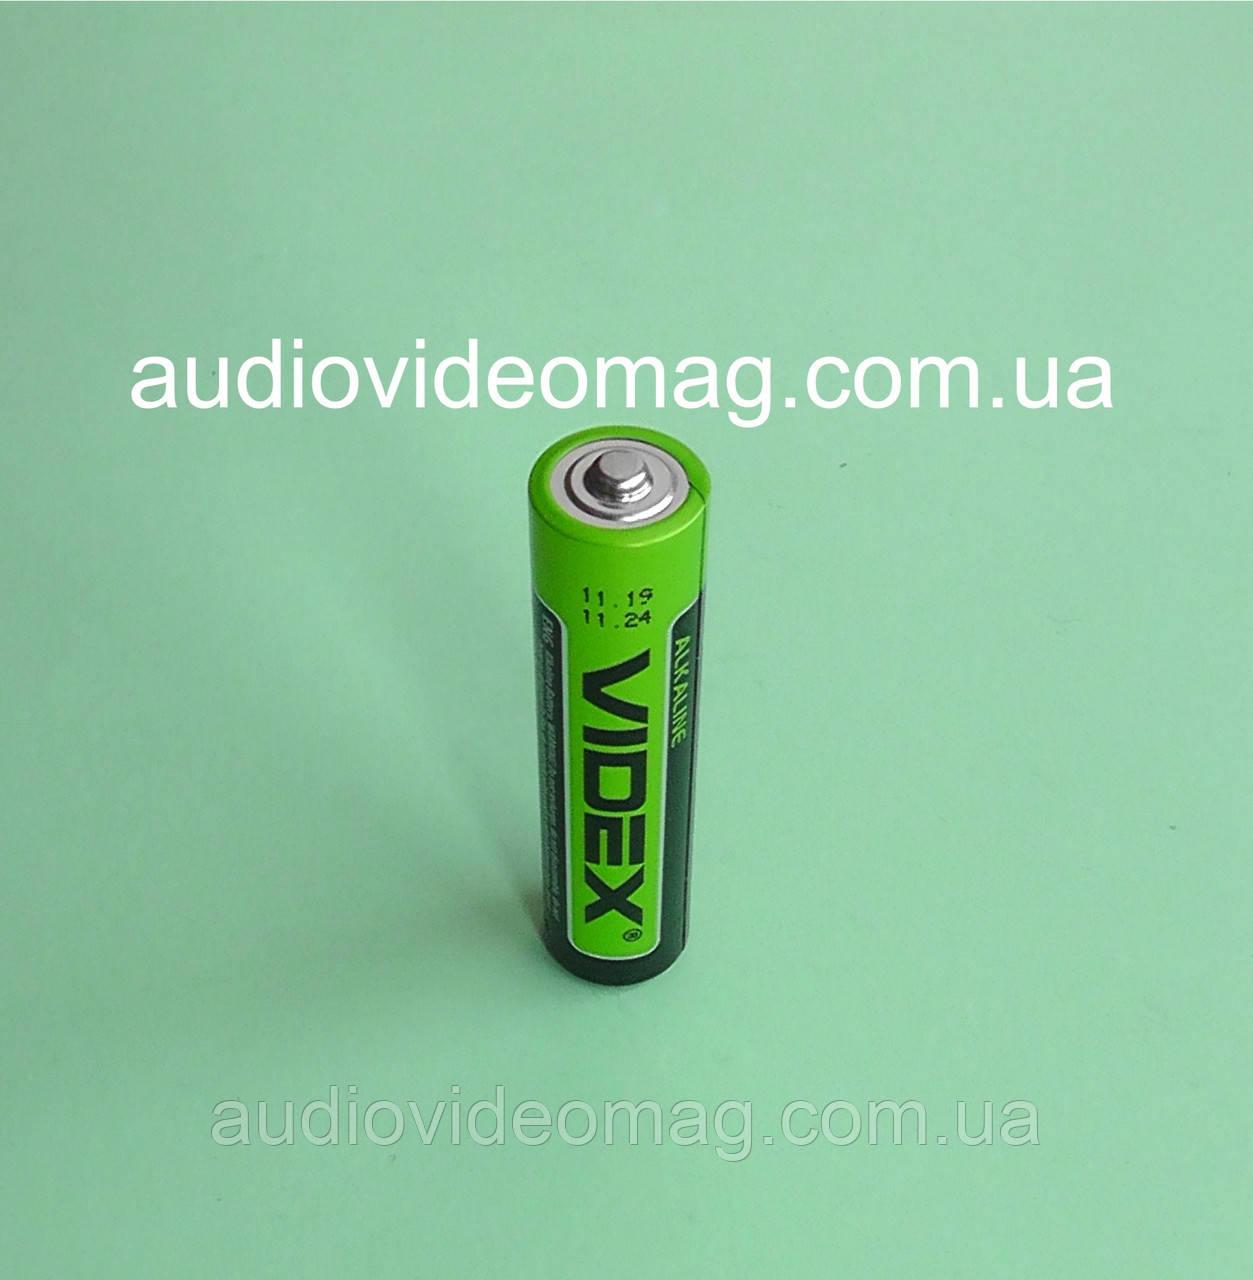 Батарейка VIDEX LR03 ААА 1.5 V лужна Alkaline микропальчиковая